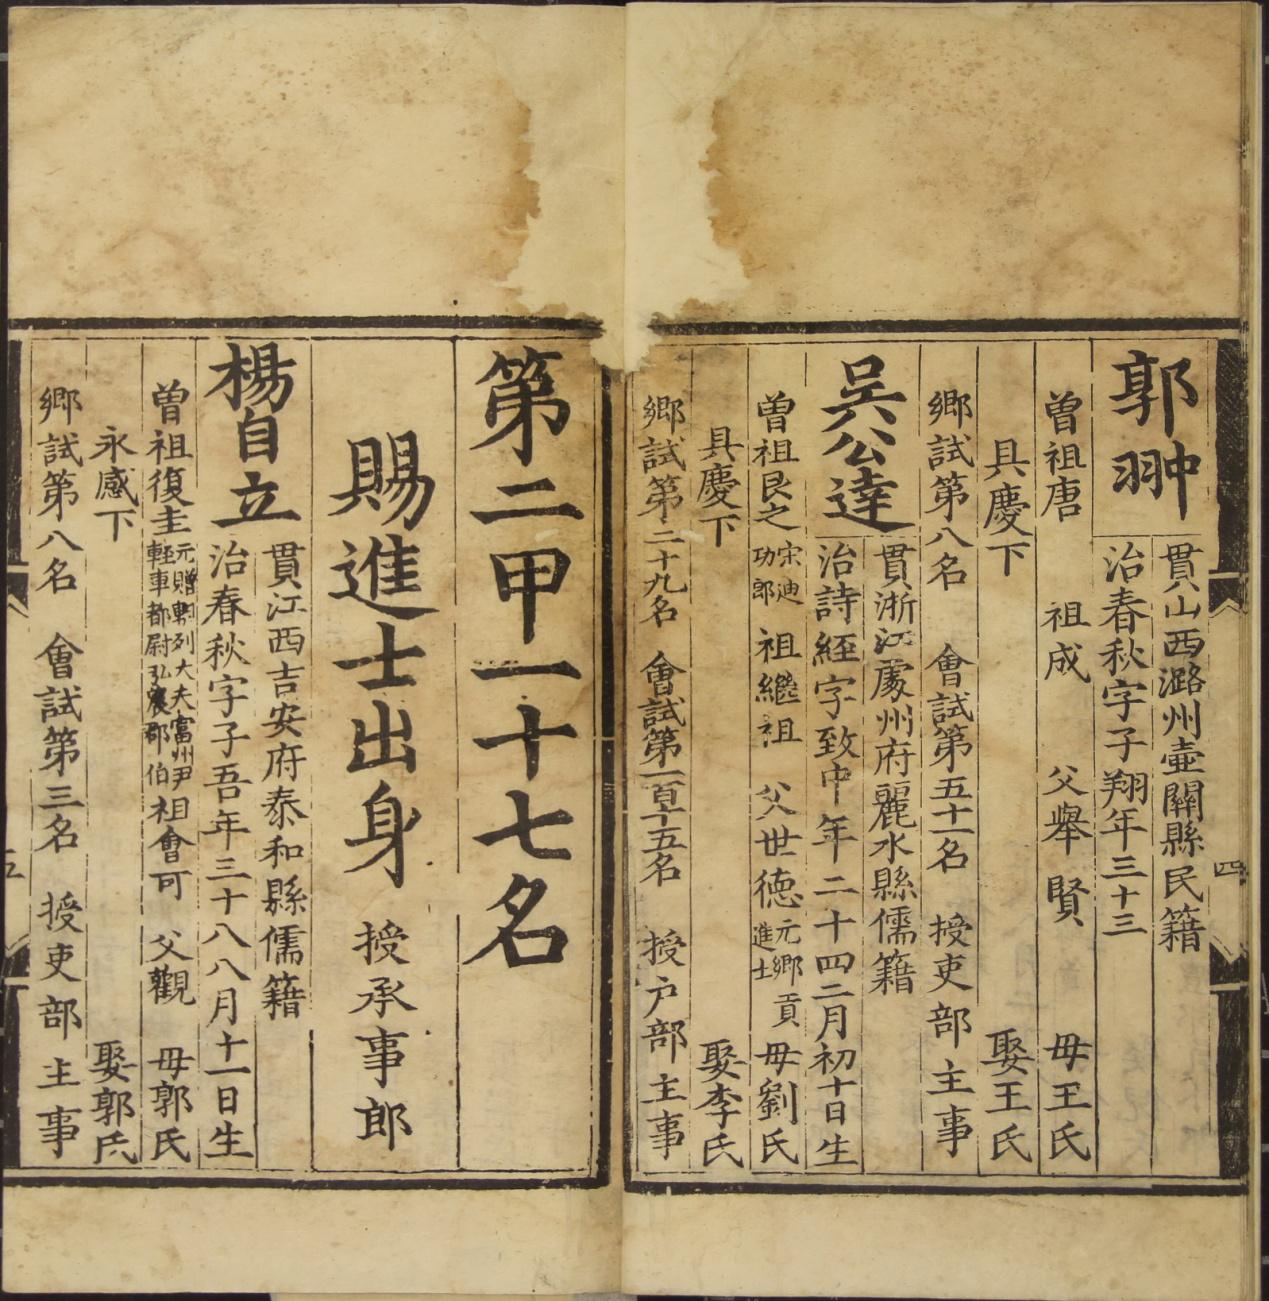 """天一阁三件宝贝入选""""浙江省藏宝图"""""""